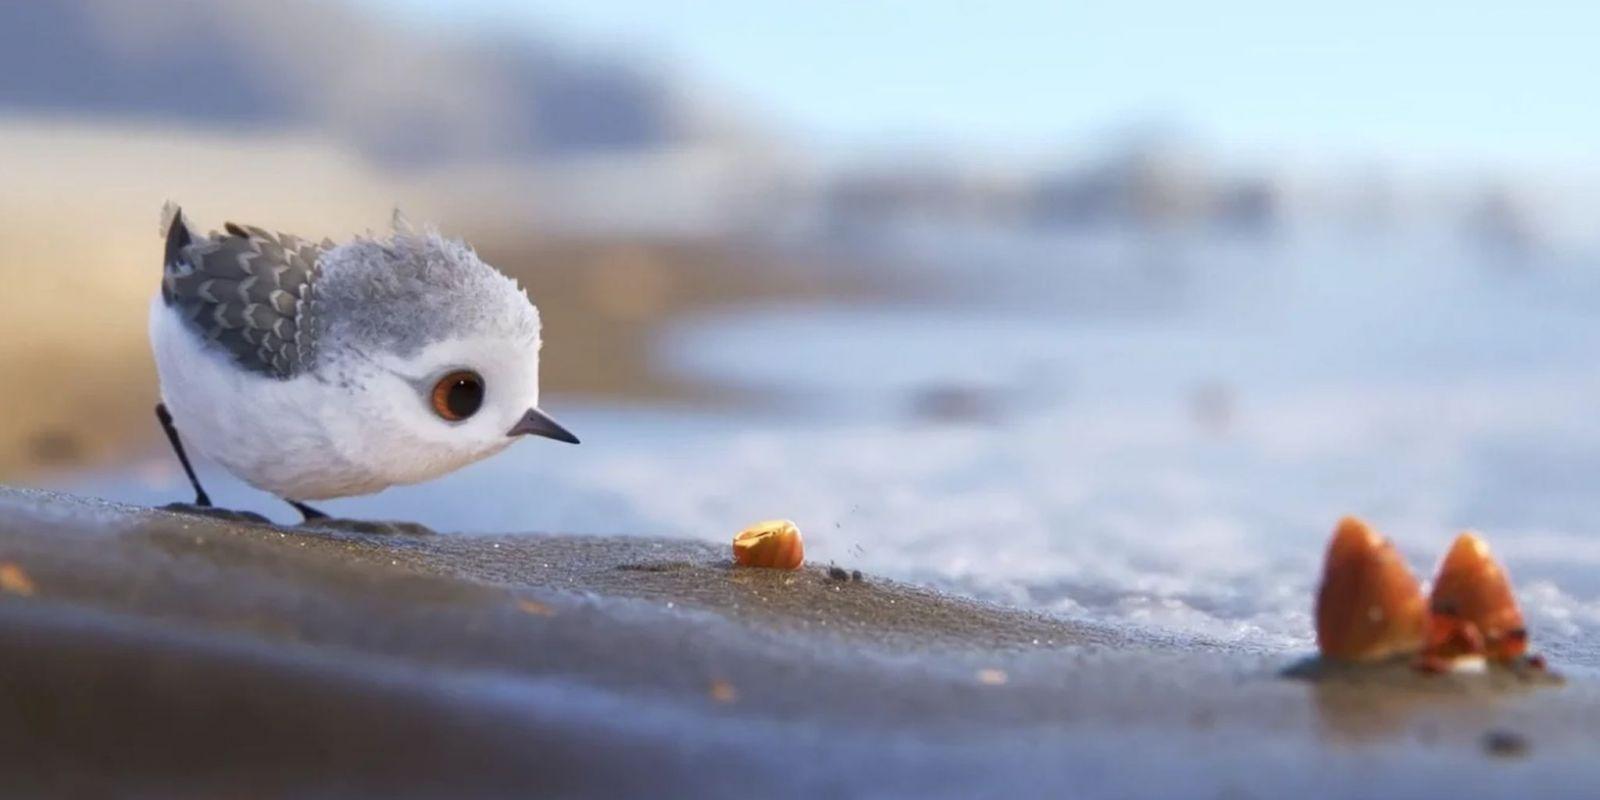 Video: Pixar sprístupnil nádherný krátky film zadarmo. Pozrite sa na tú krásu